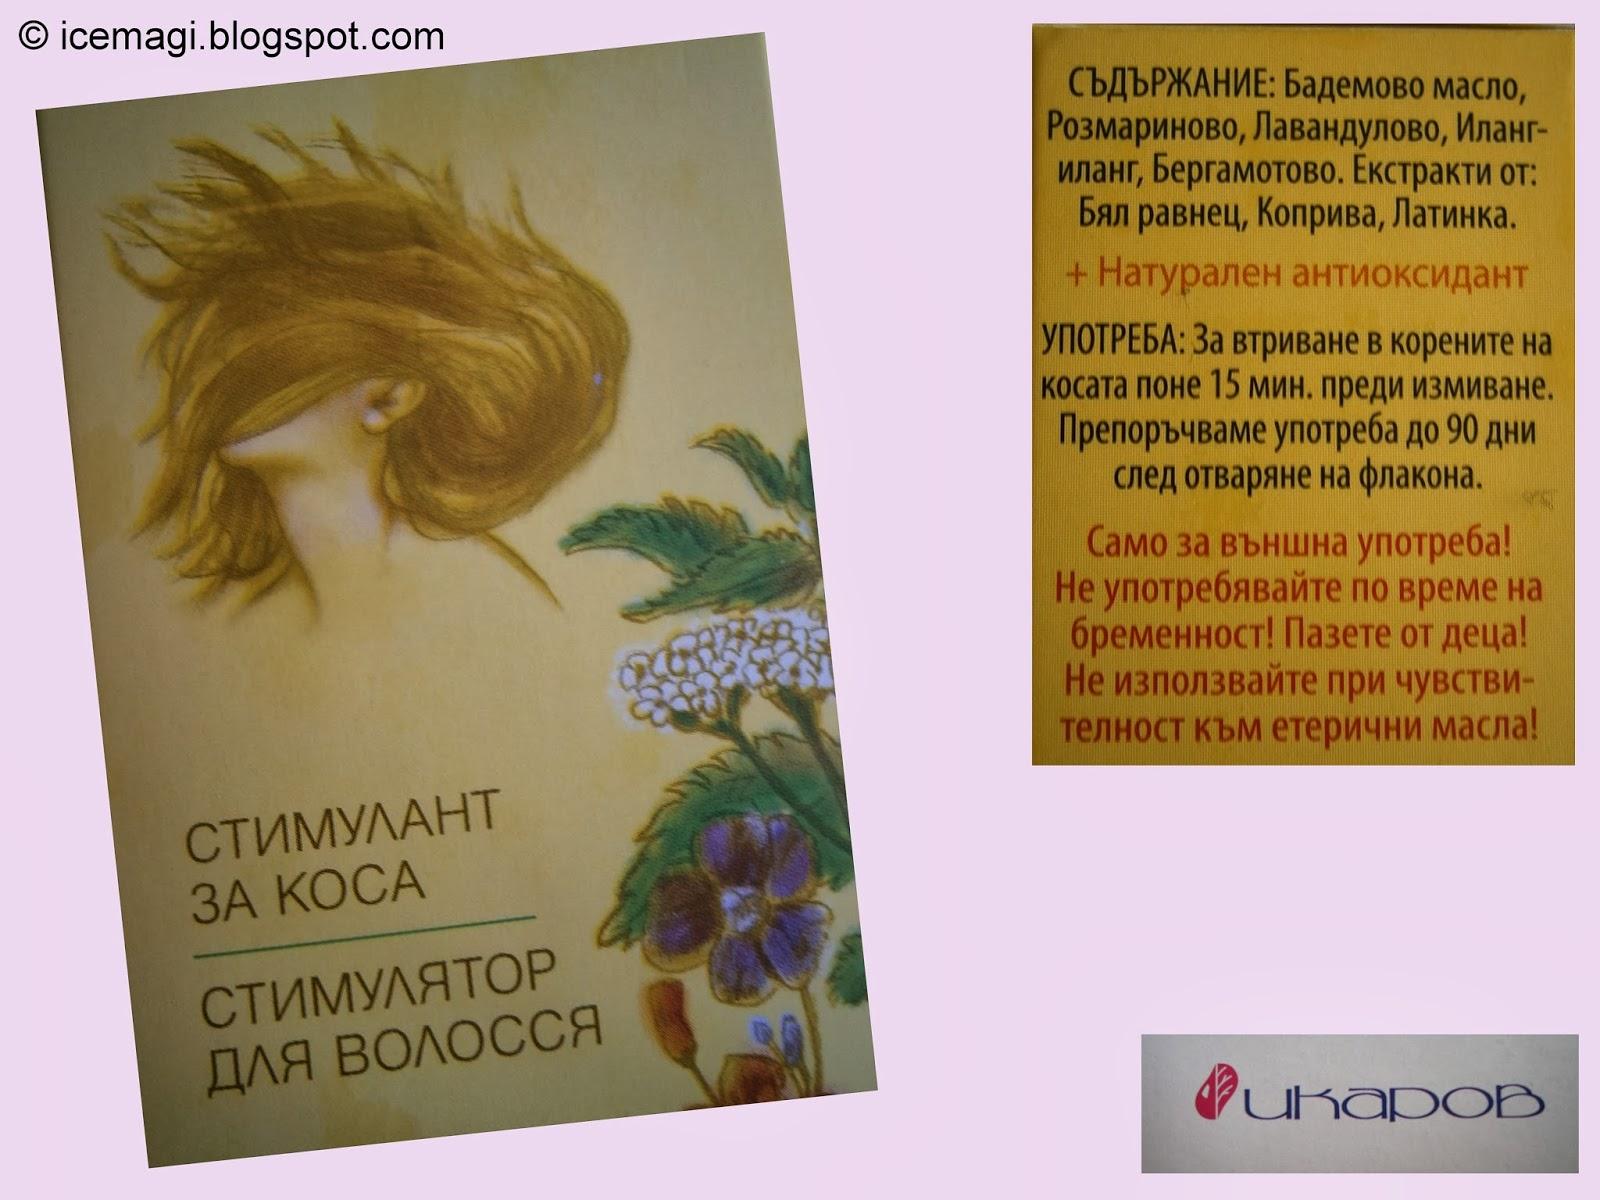 Икаров стимулант за коса